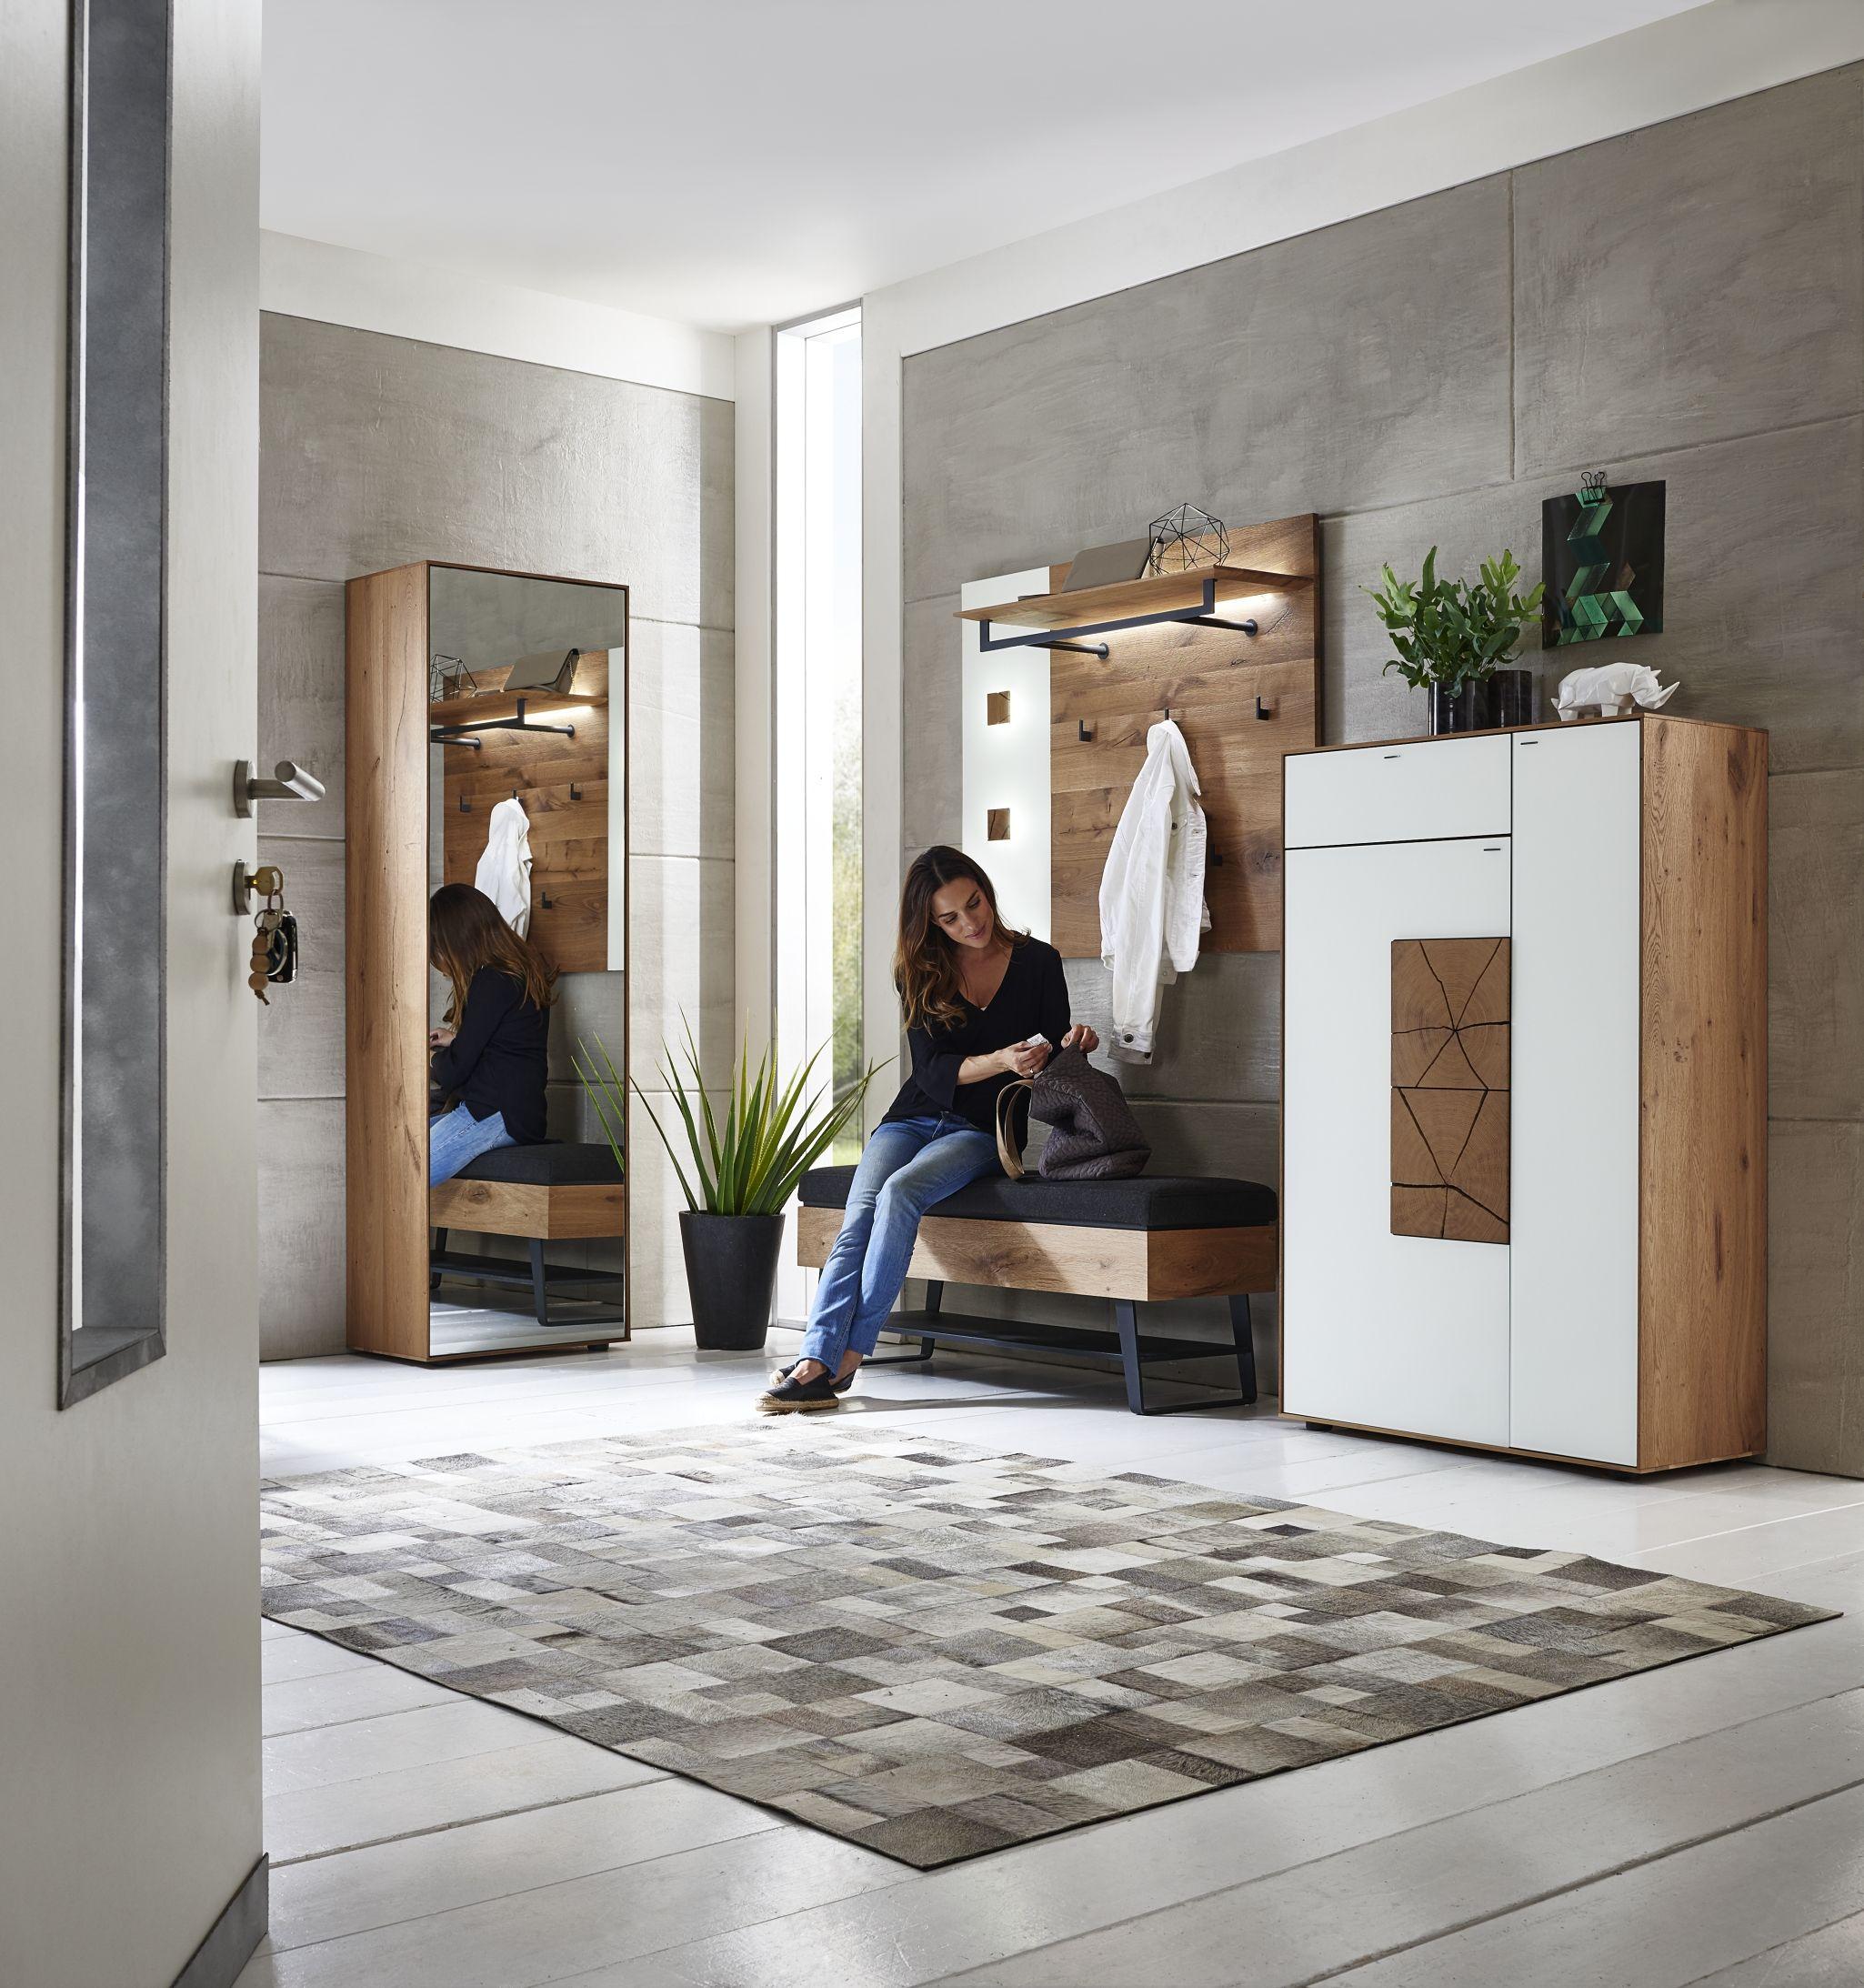 Flure Haus Deko Und Flur Design: CAYA Garderoben Kombi Nr. 104 In 2020